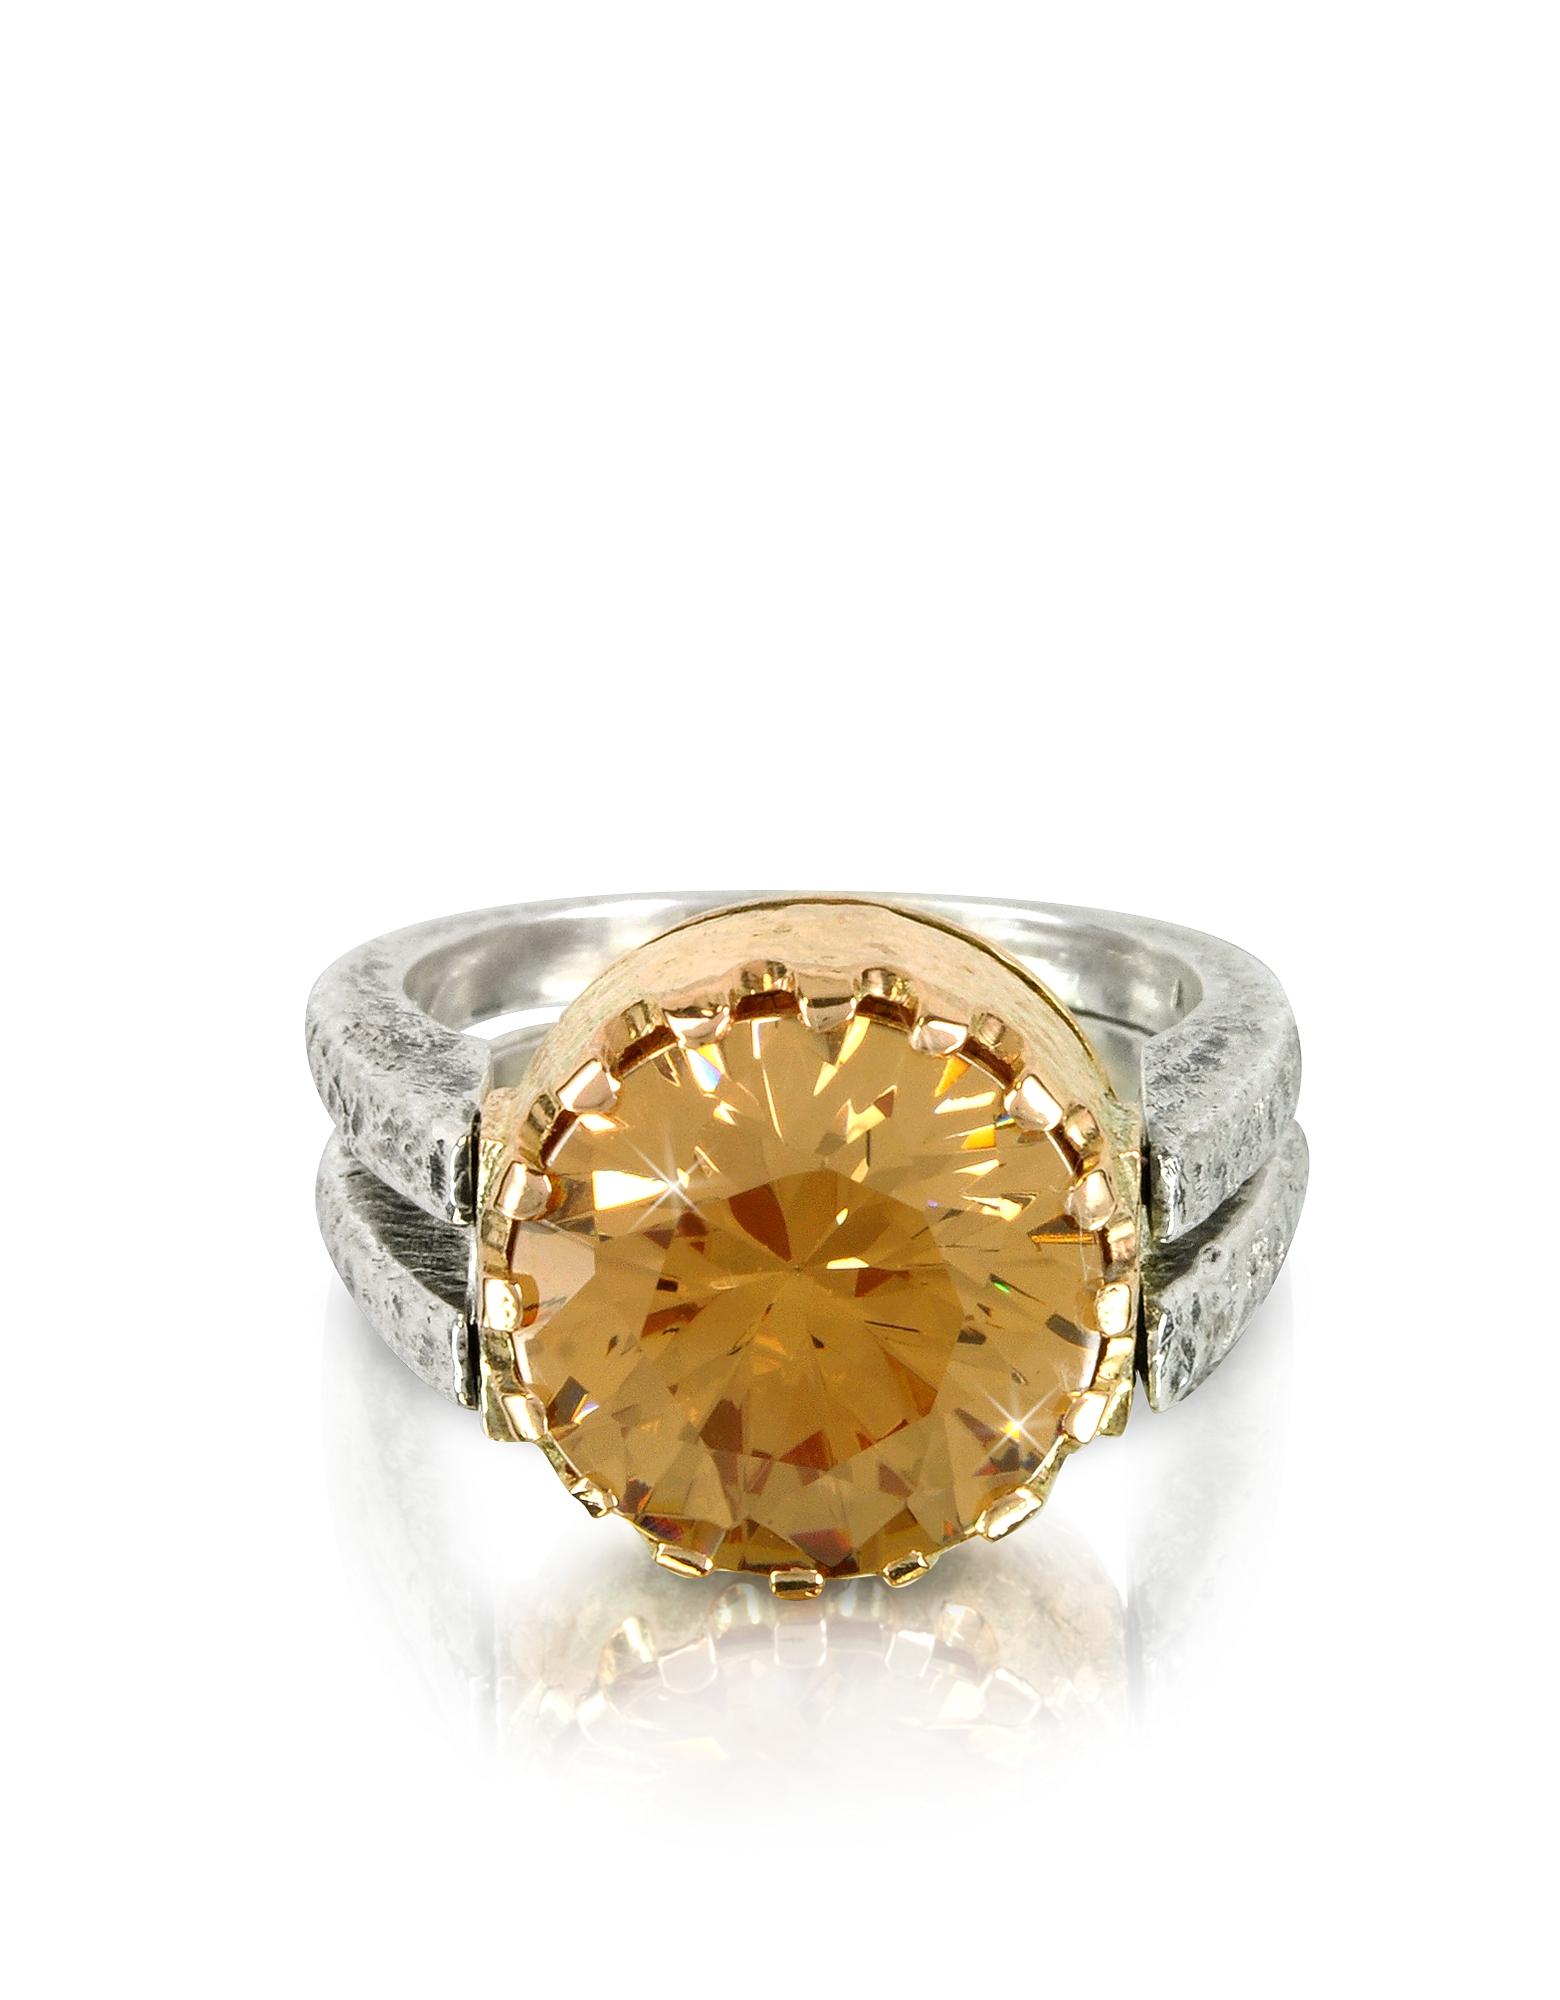 Кольцо из Серебра 925 пробы и Розового Золота с Кубиком Циркония Оттенка Золотистое Шампанское